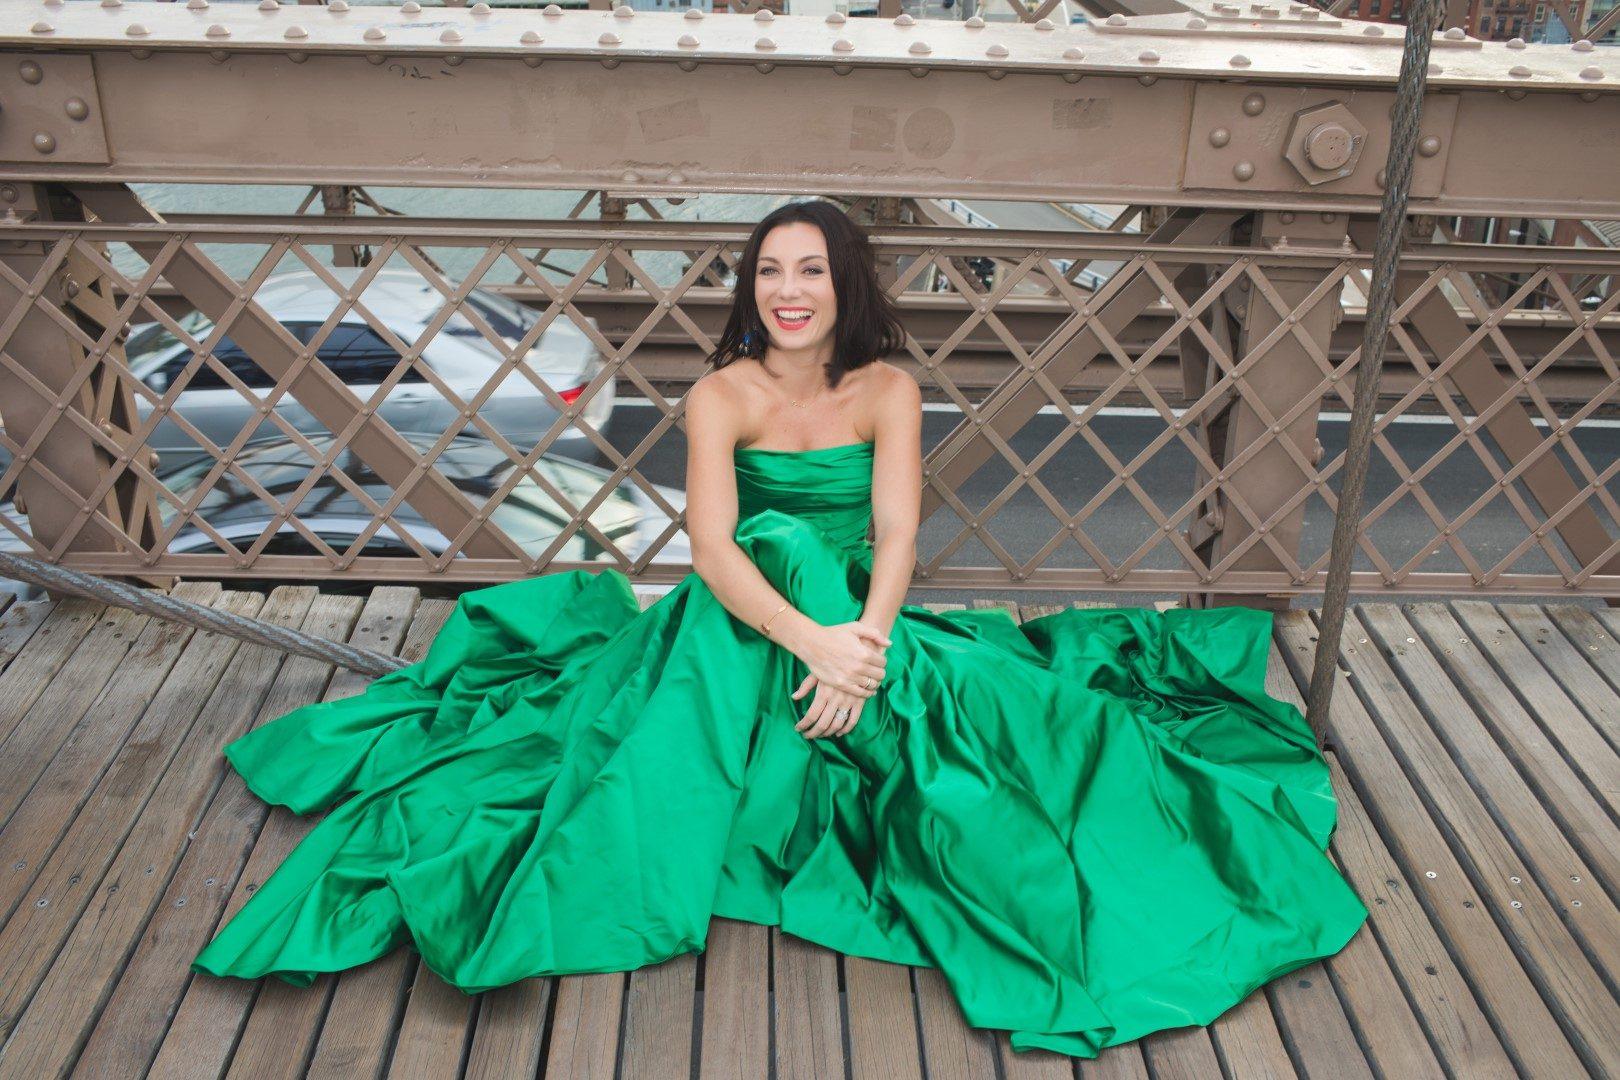 Rúzsa Magdi esküvő 2017-ben, Daalarna ruhában, Fotó: Jaksa Tímea